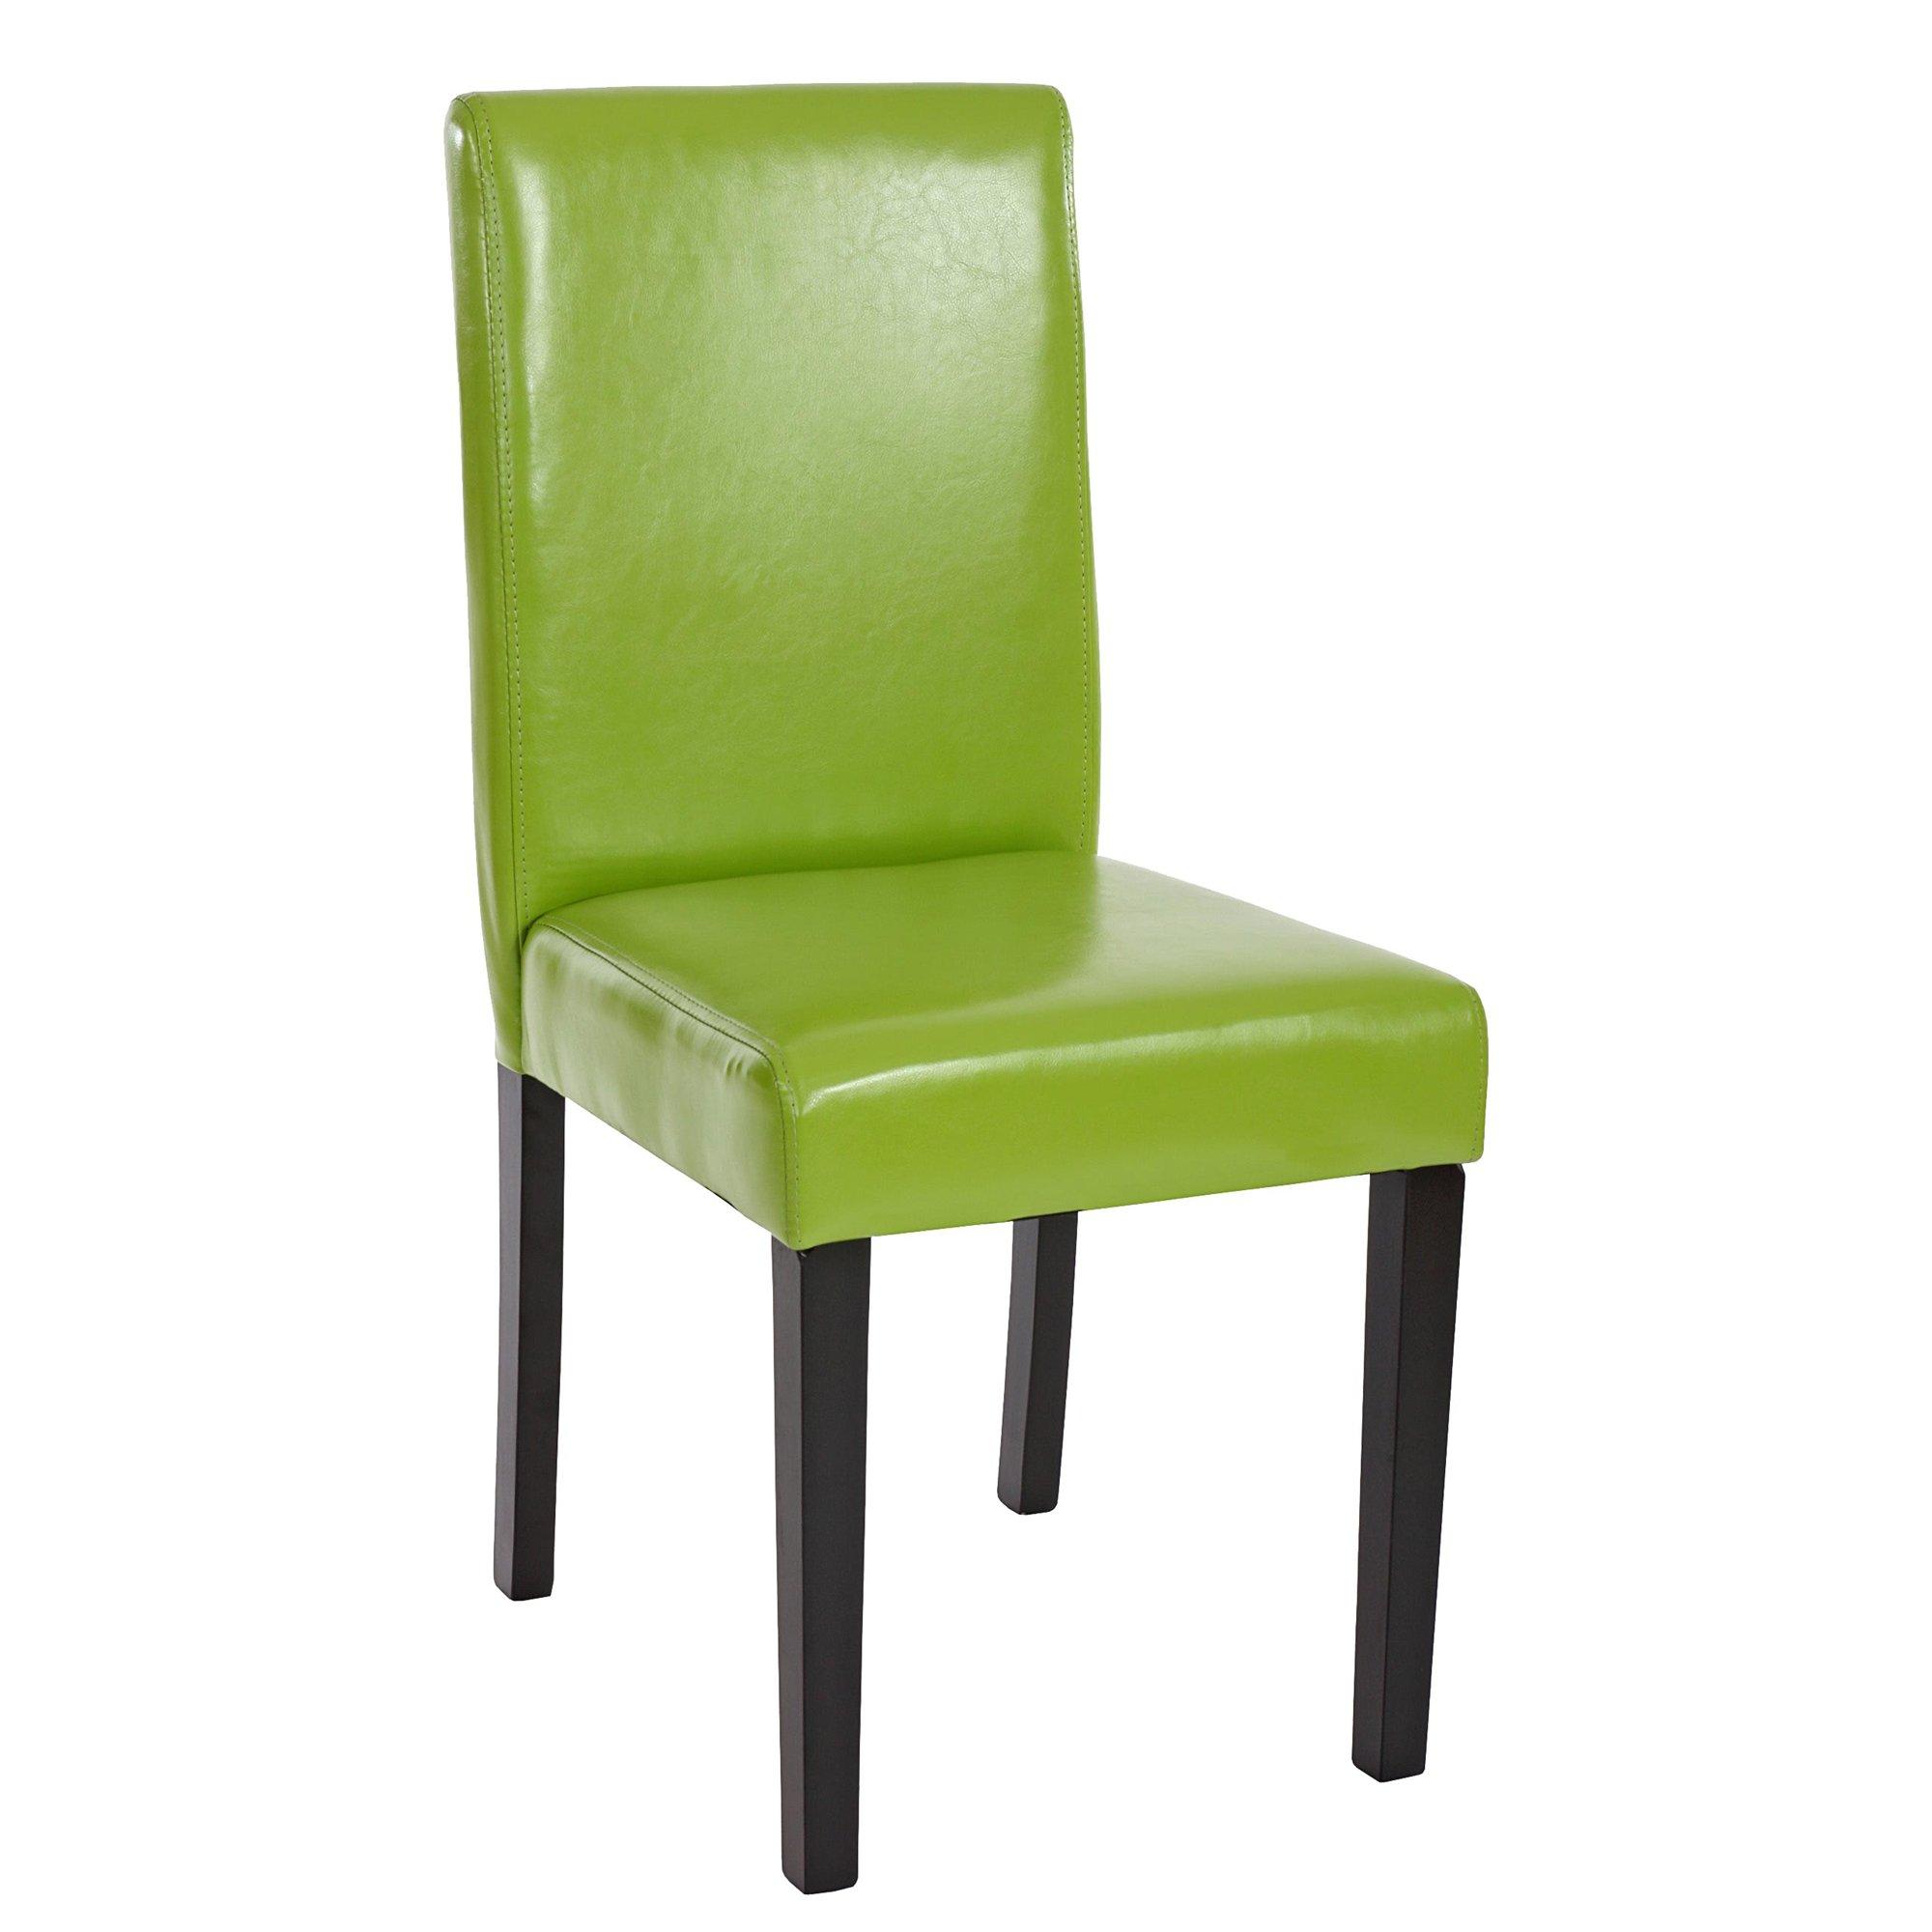 Lote 4 sillas de comedor verdes litau lote 4 sillas de - Sillas de comedor diseno ...